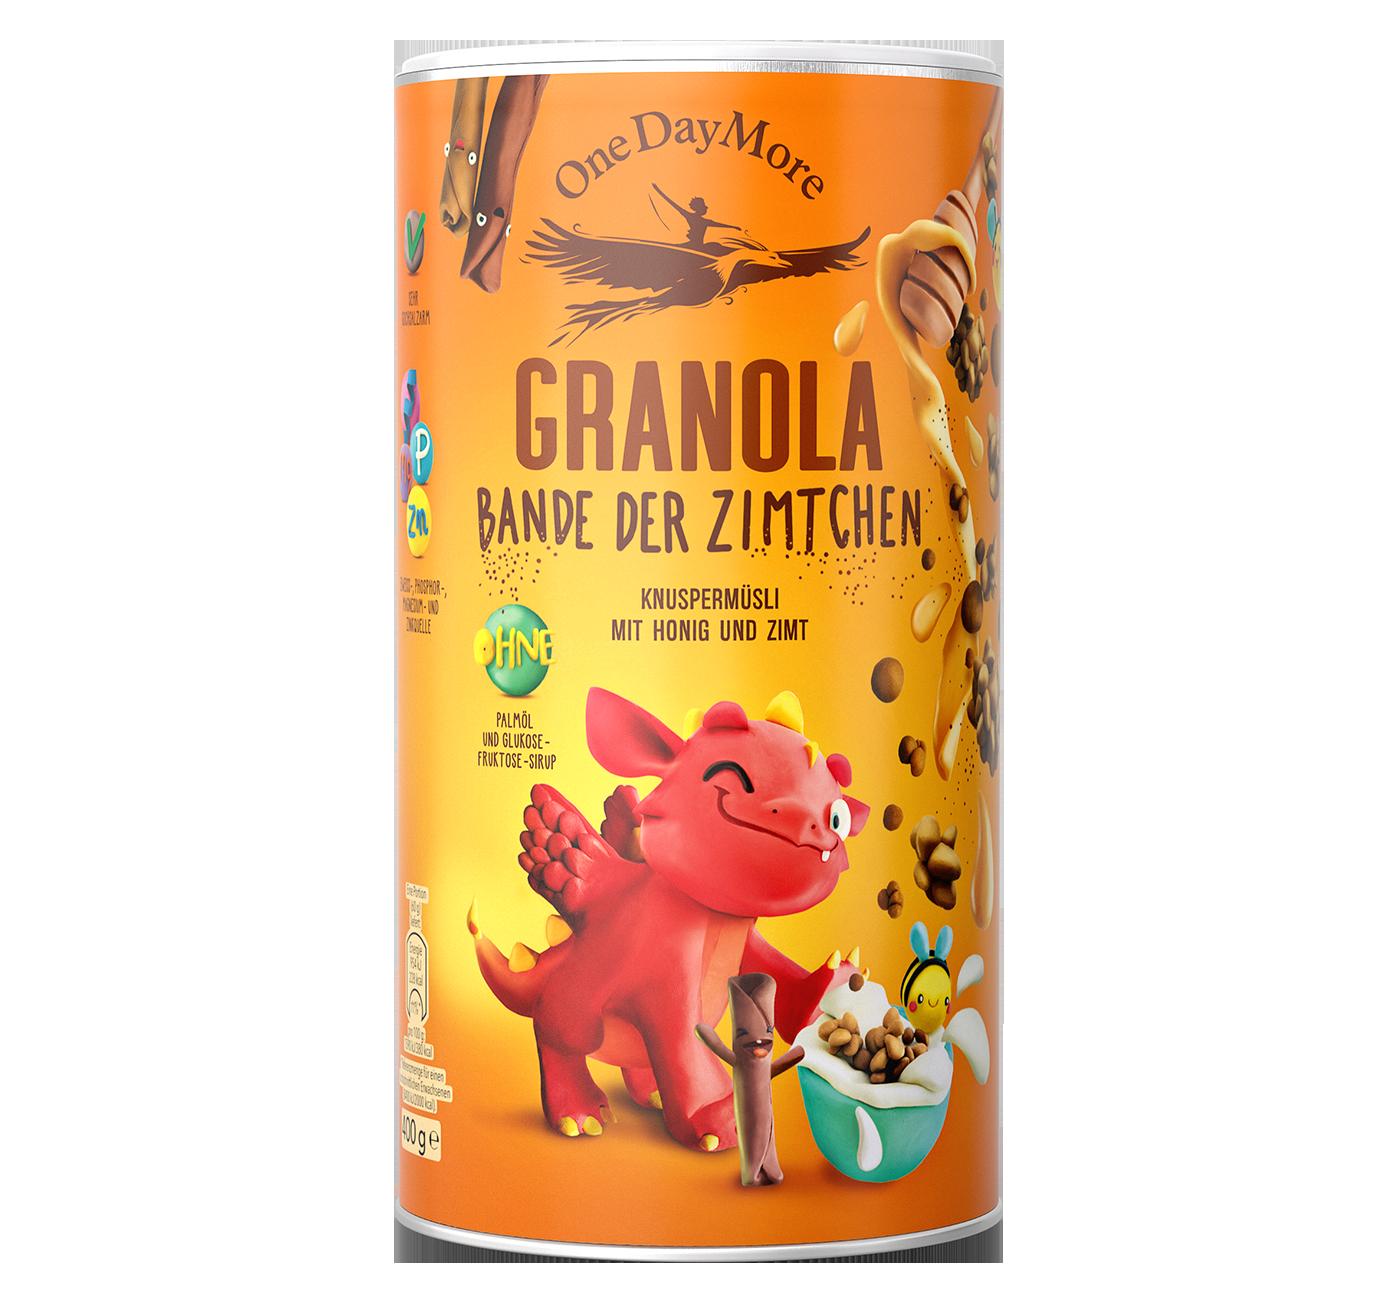 Granola Bande der Zimtchen OneDayMore